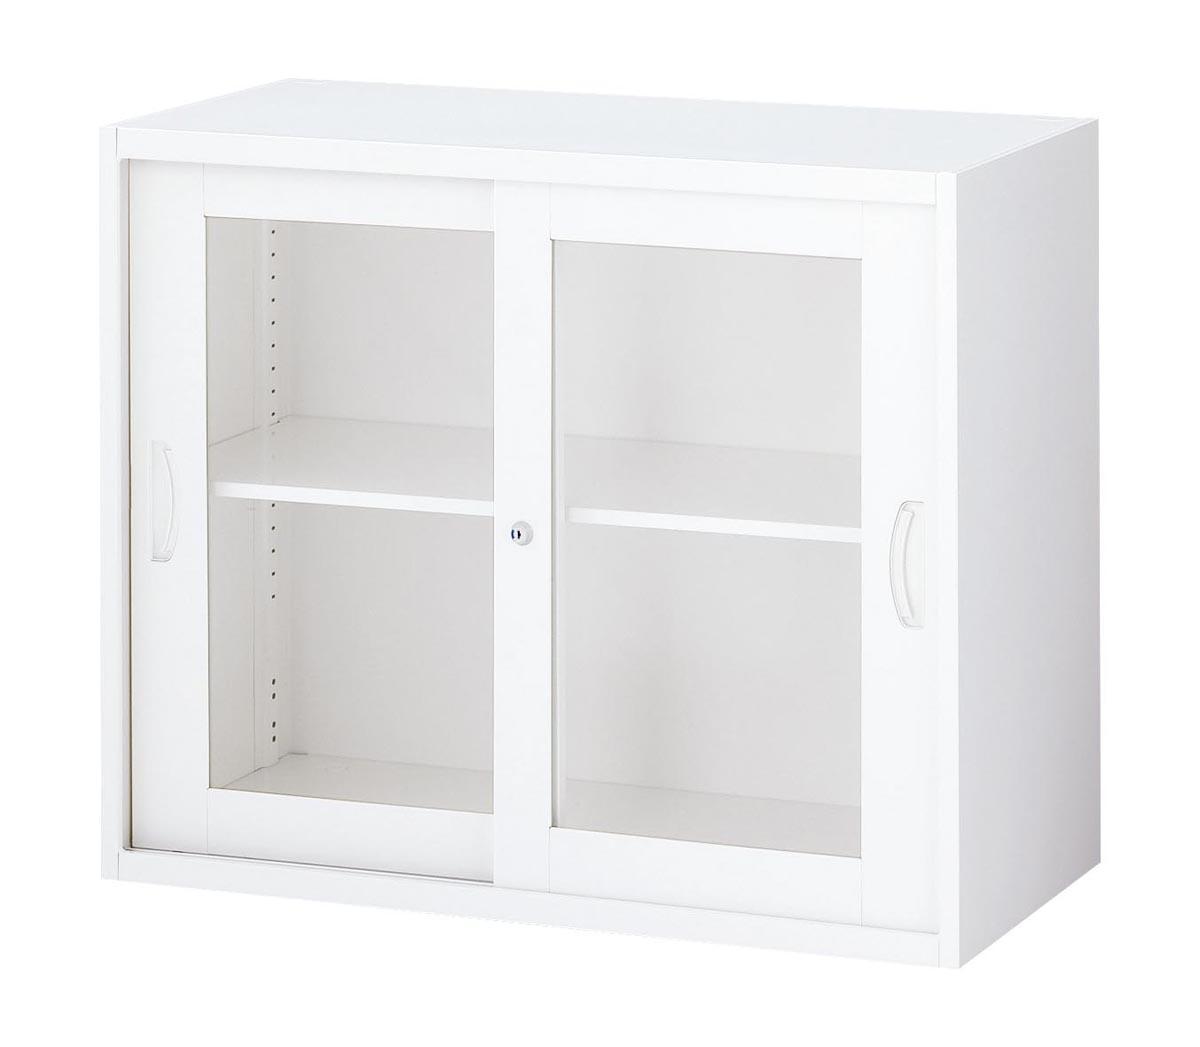 ケニス ガラス引違保管庫 RW45-07SG